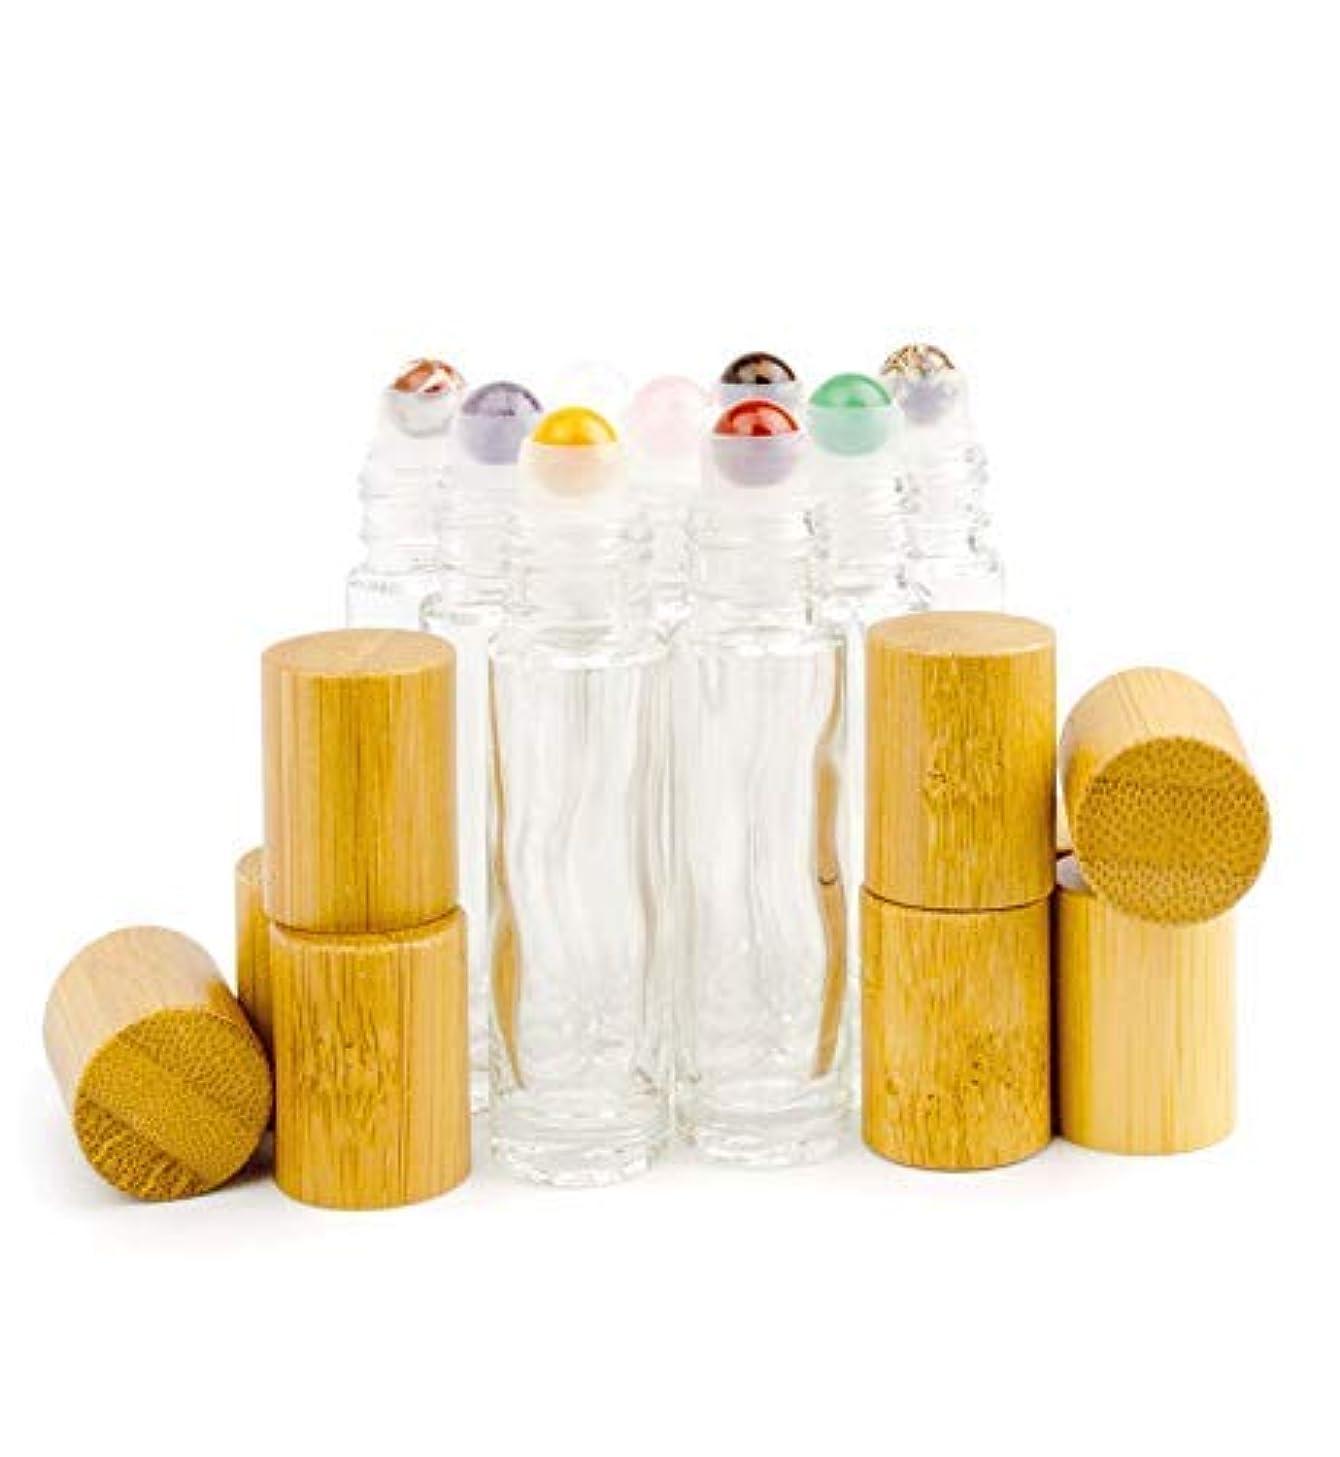 ピンポイント分配します驚Grand Parfums 9 Gemstone Crystal Roller Tops in 10ml Clear Glass Bottles, with Natural Bamboo Caps for Essential...